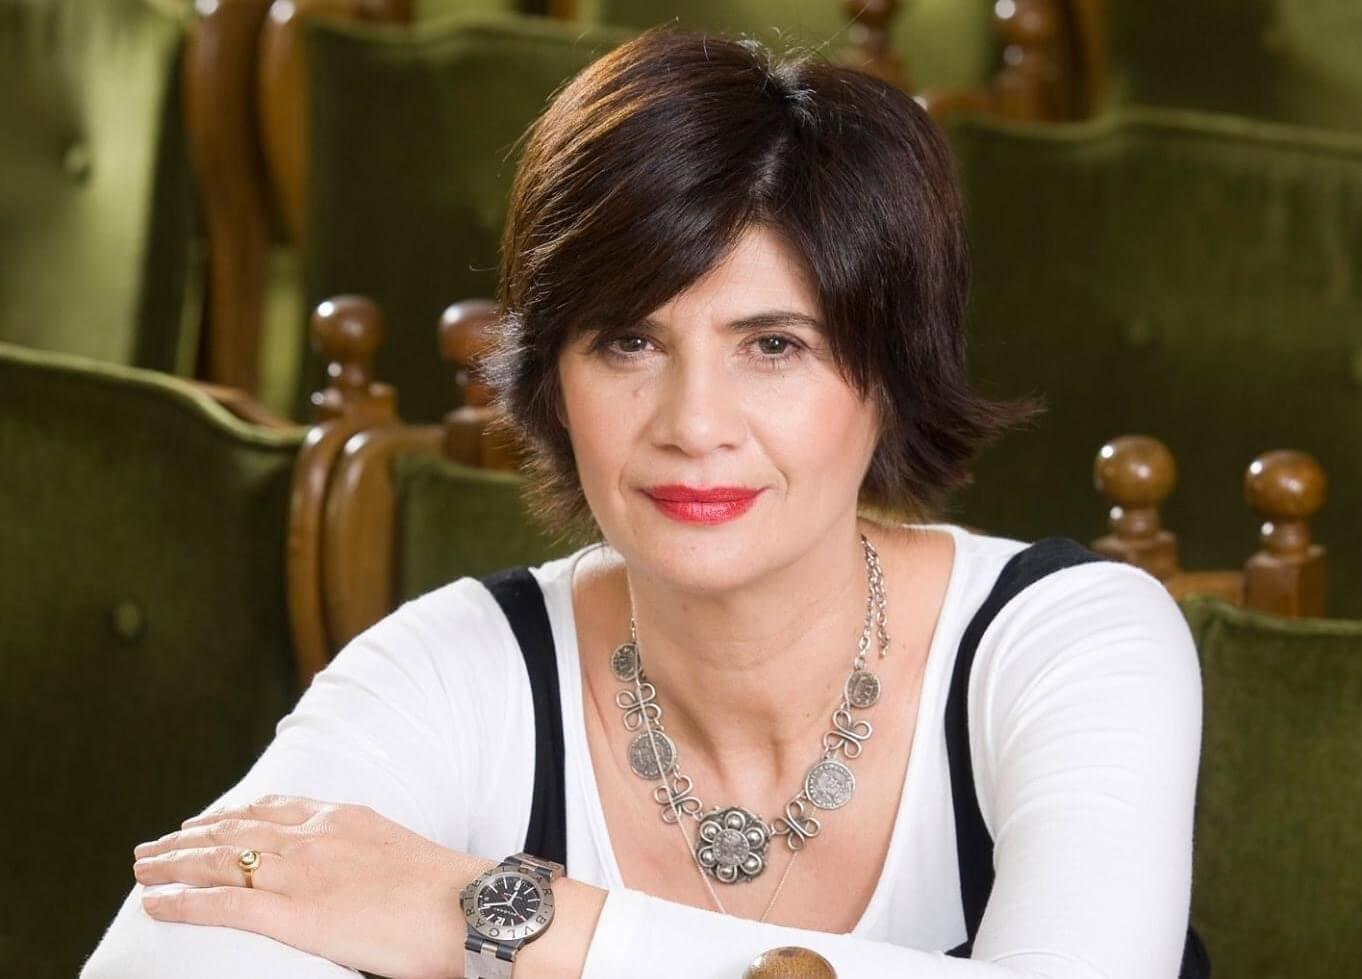 """Julijana Matanović: """"Nije mi neugodno izgovoriti iznos moje mirovine, a to je 4.200 kuna"""""""